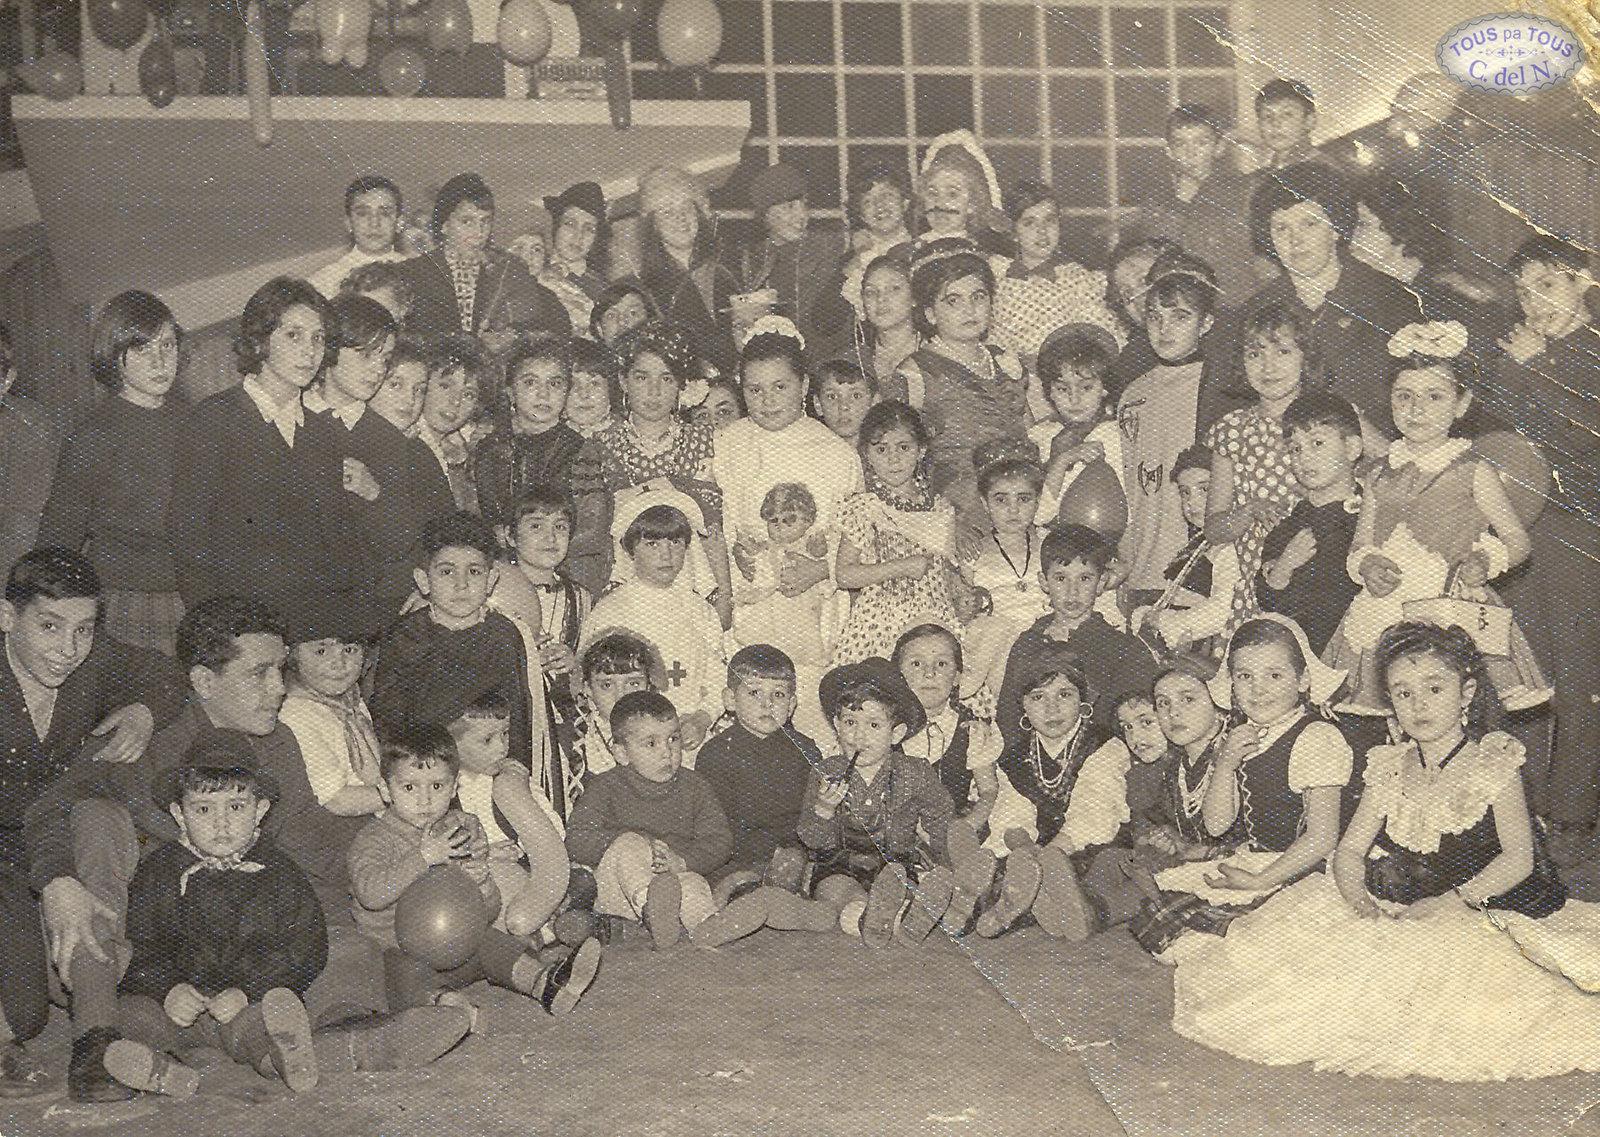 1965 - Carnaval infantil en El Club